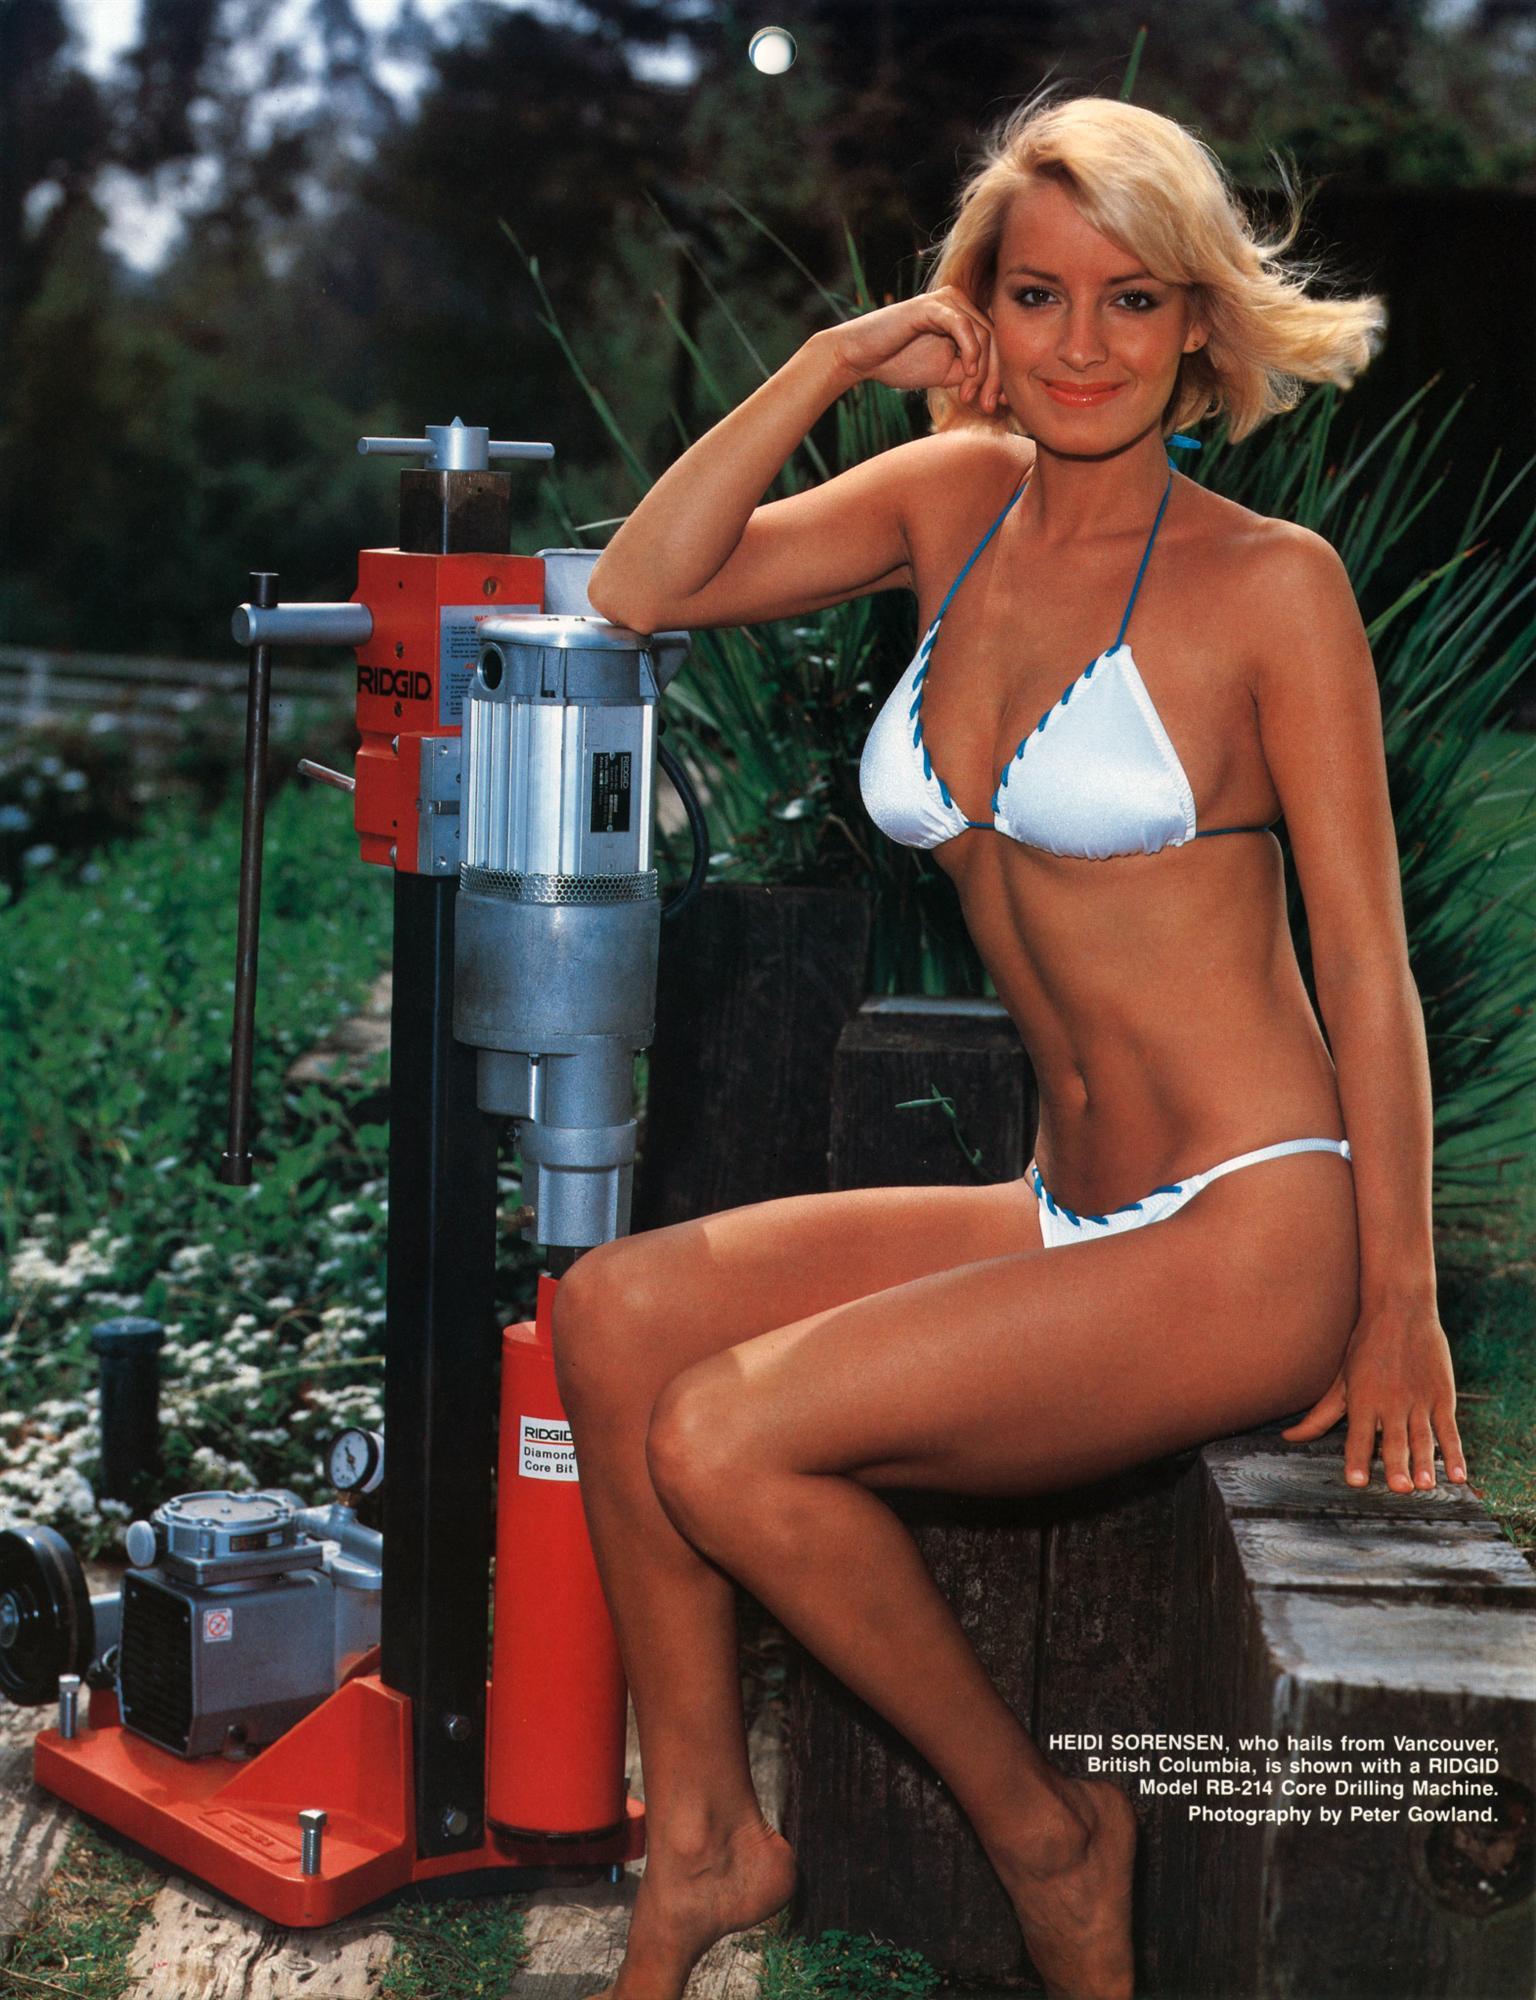 Heidi Sorenson in lingerie